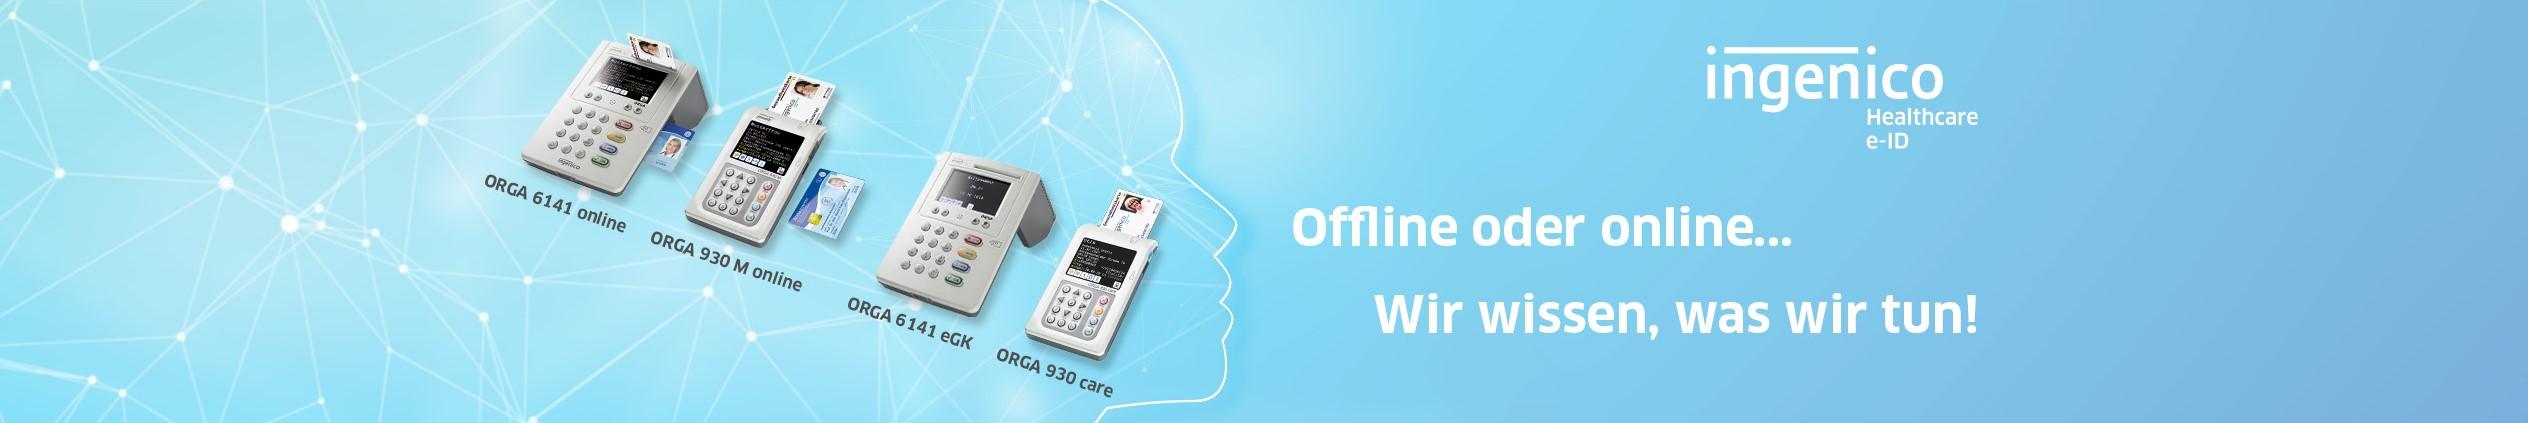 Hierzu zählt unser stationäres eHealth-Kartenterminal ORGA 6141 online, welches im November 2017 als erstes Kartenterminal die Zulassung für die Online-TI erhalten hat